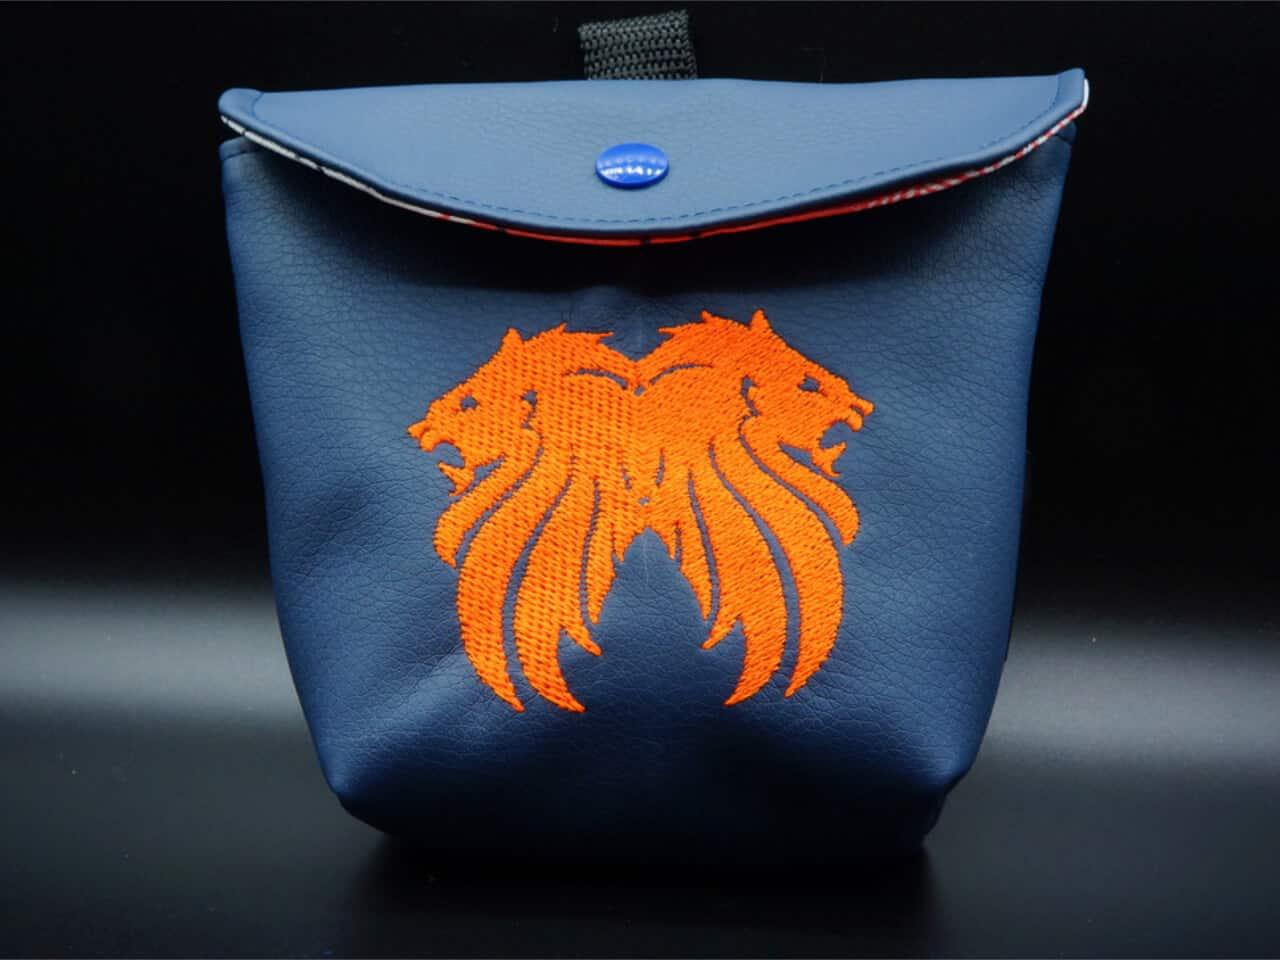 Futtersack in blauem Kunstleder mit orangen Doppellöwen bestickt